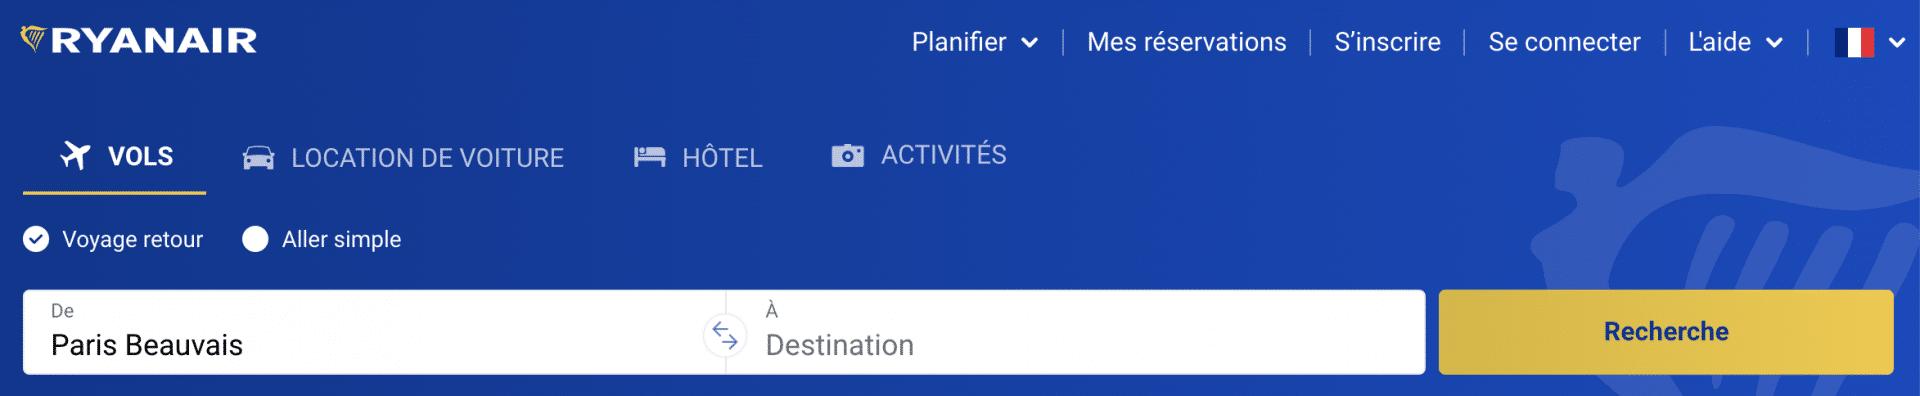 Site web de Ryanair